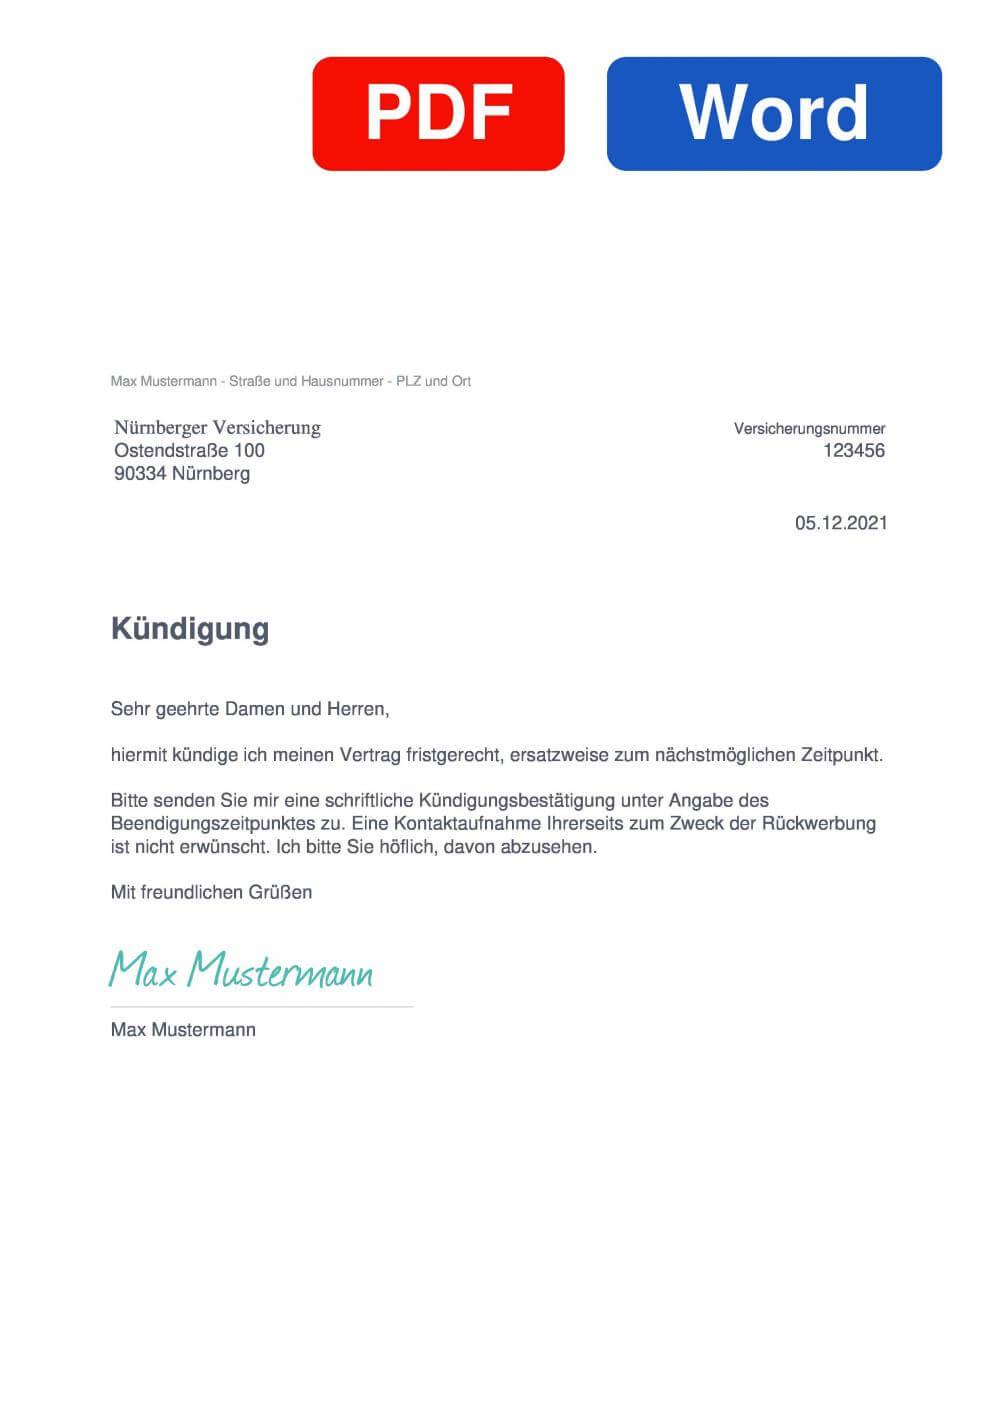 Nürnberger Rechtsschutzversicherung Muster Vorlage für Kündigungsschreiben